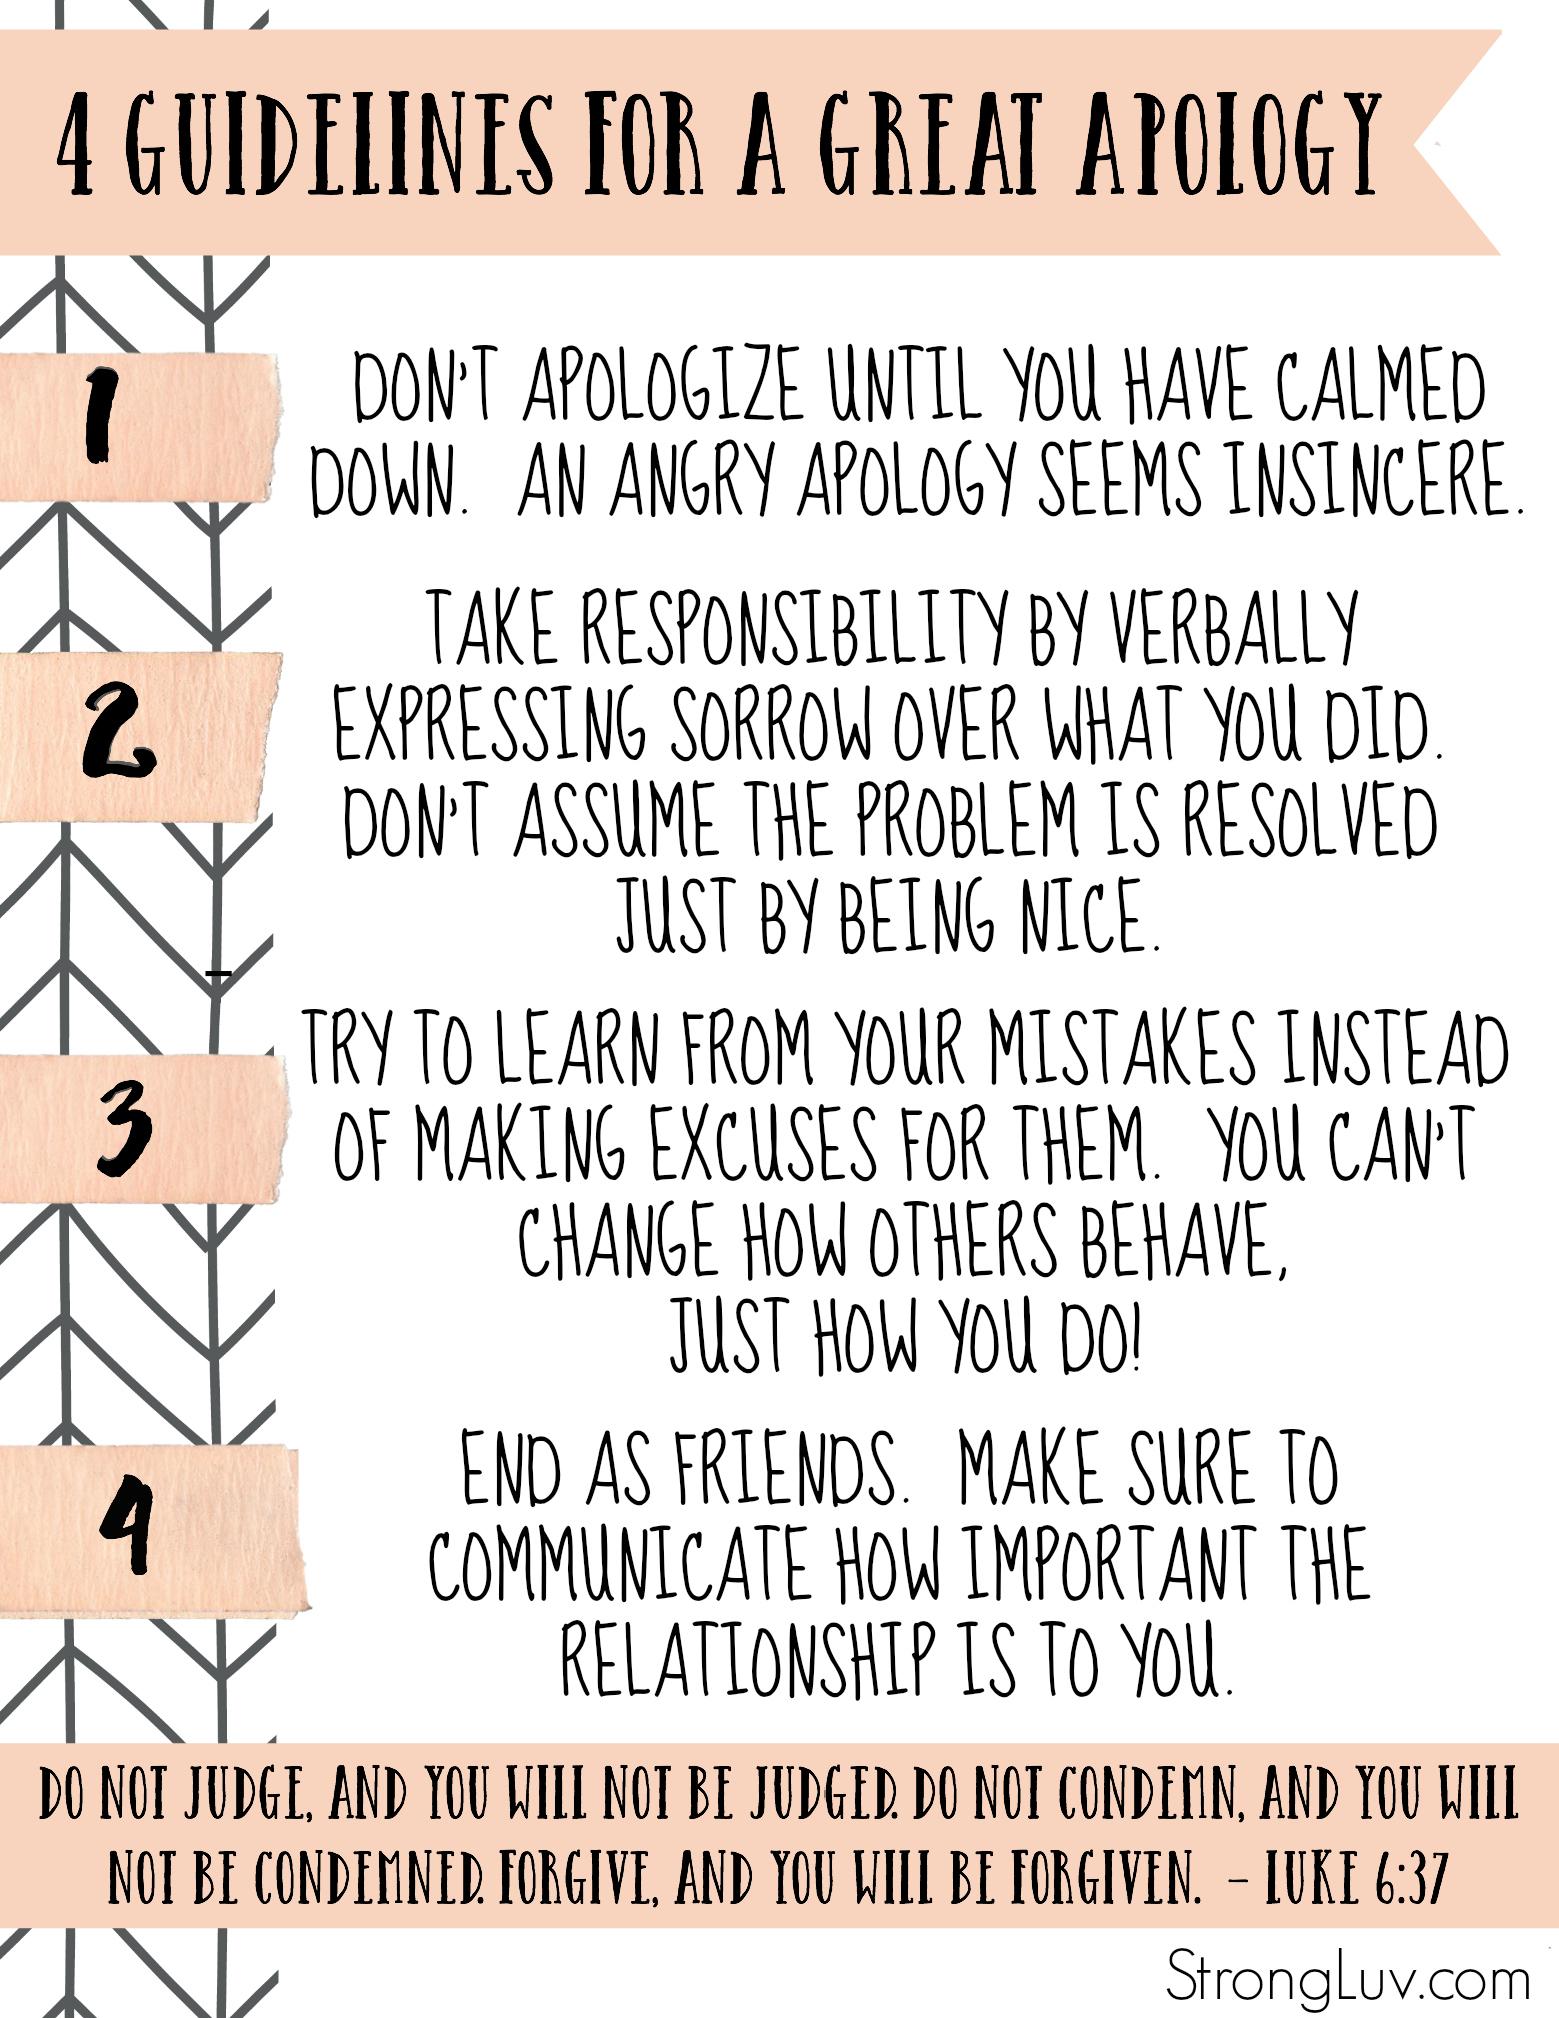 teach kids to ask forgiveness